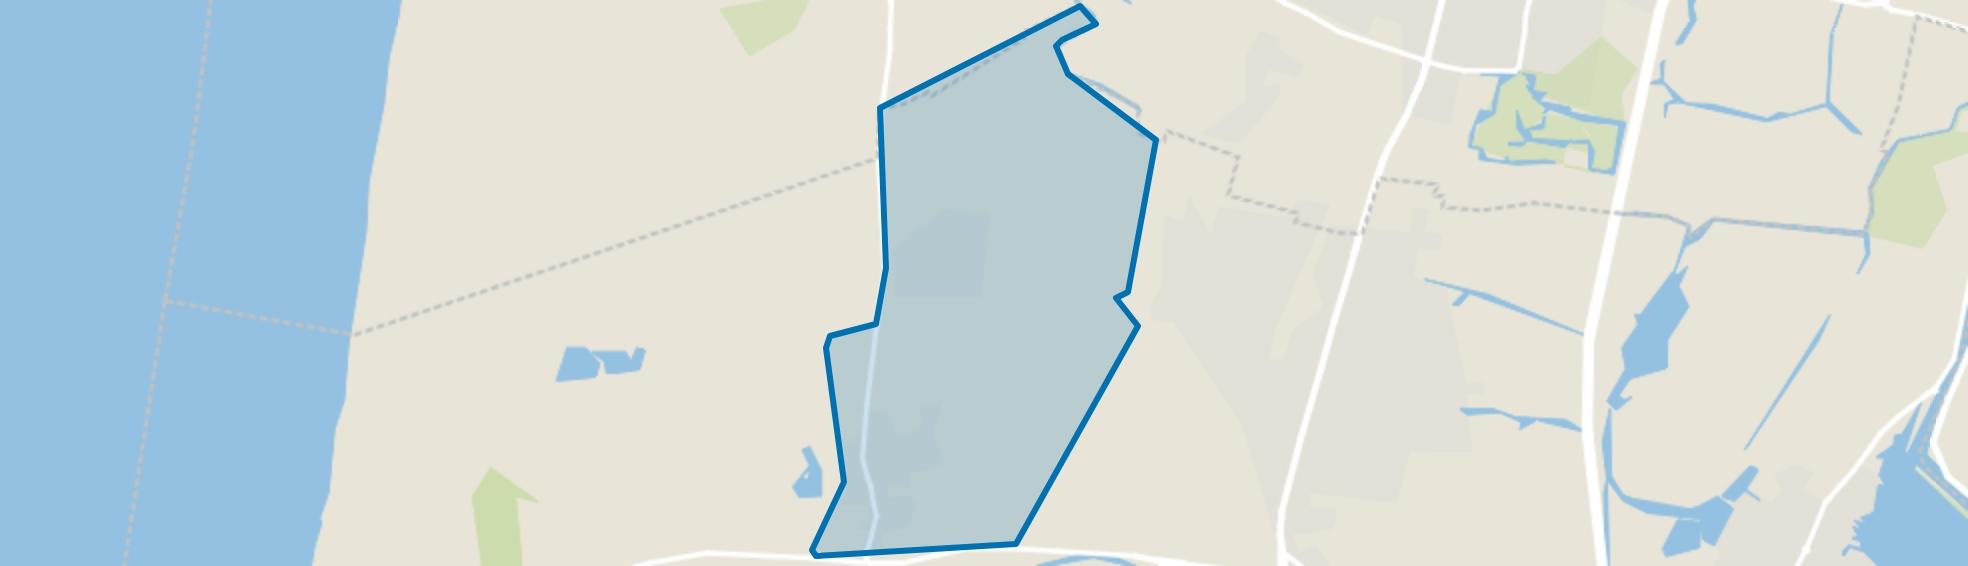 Bakkum-Noord, Castricum map